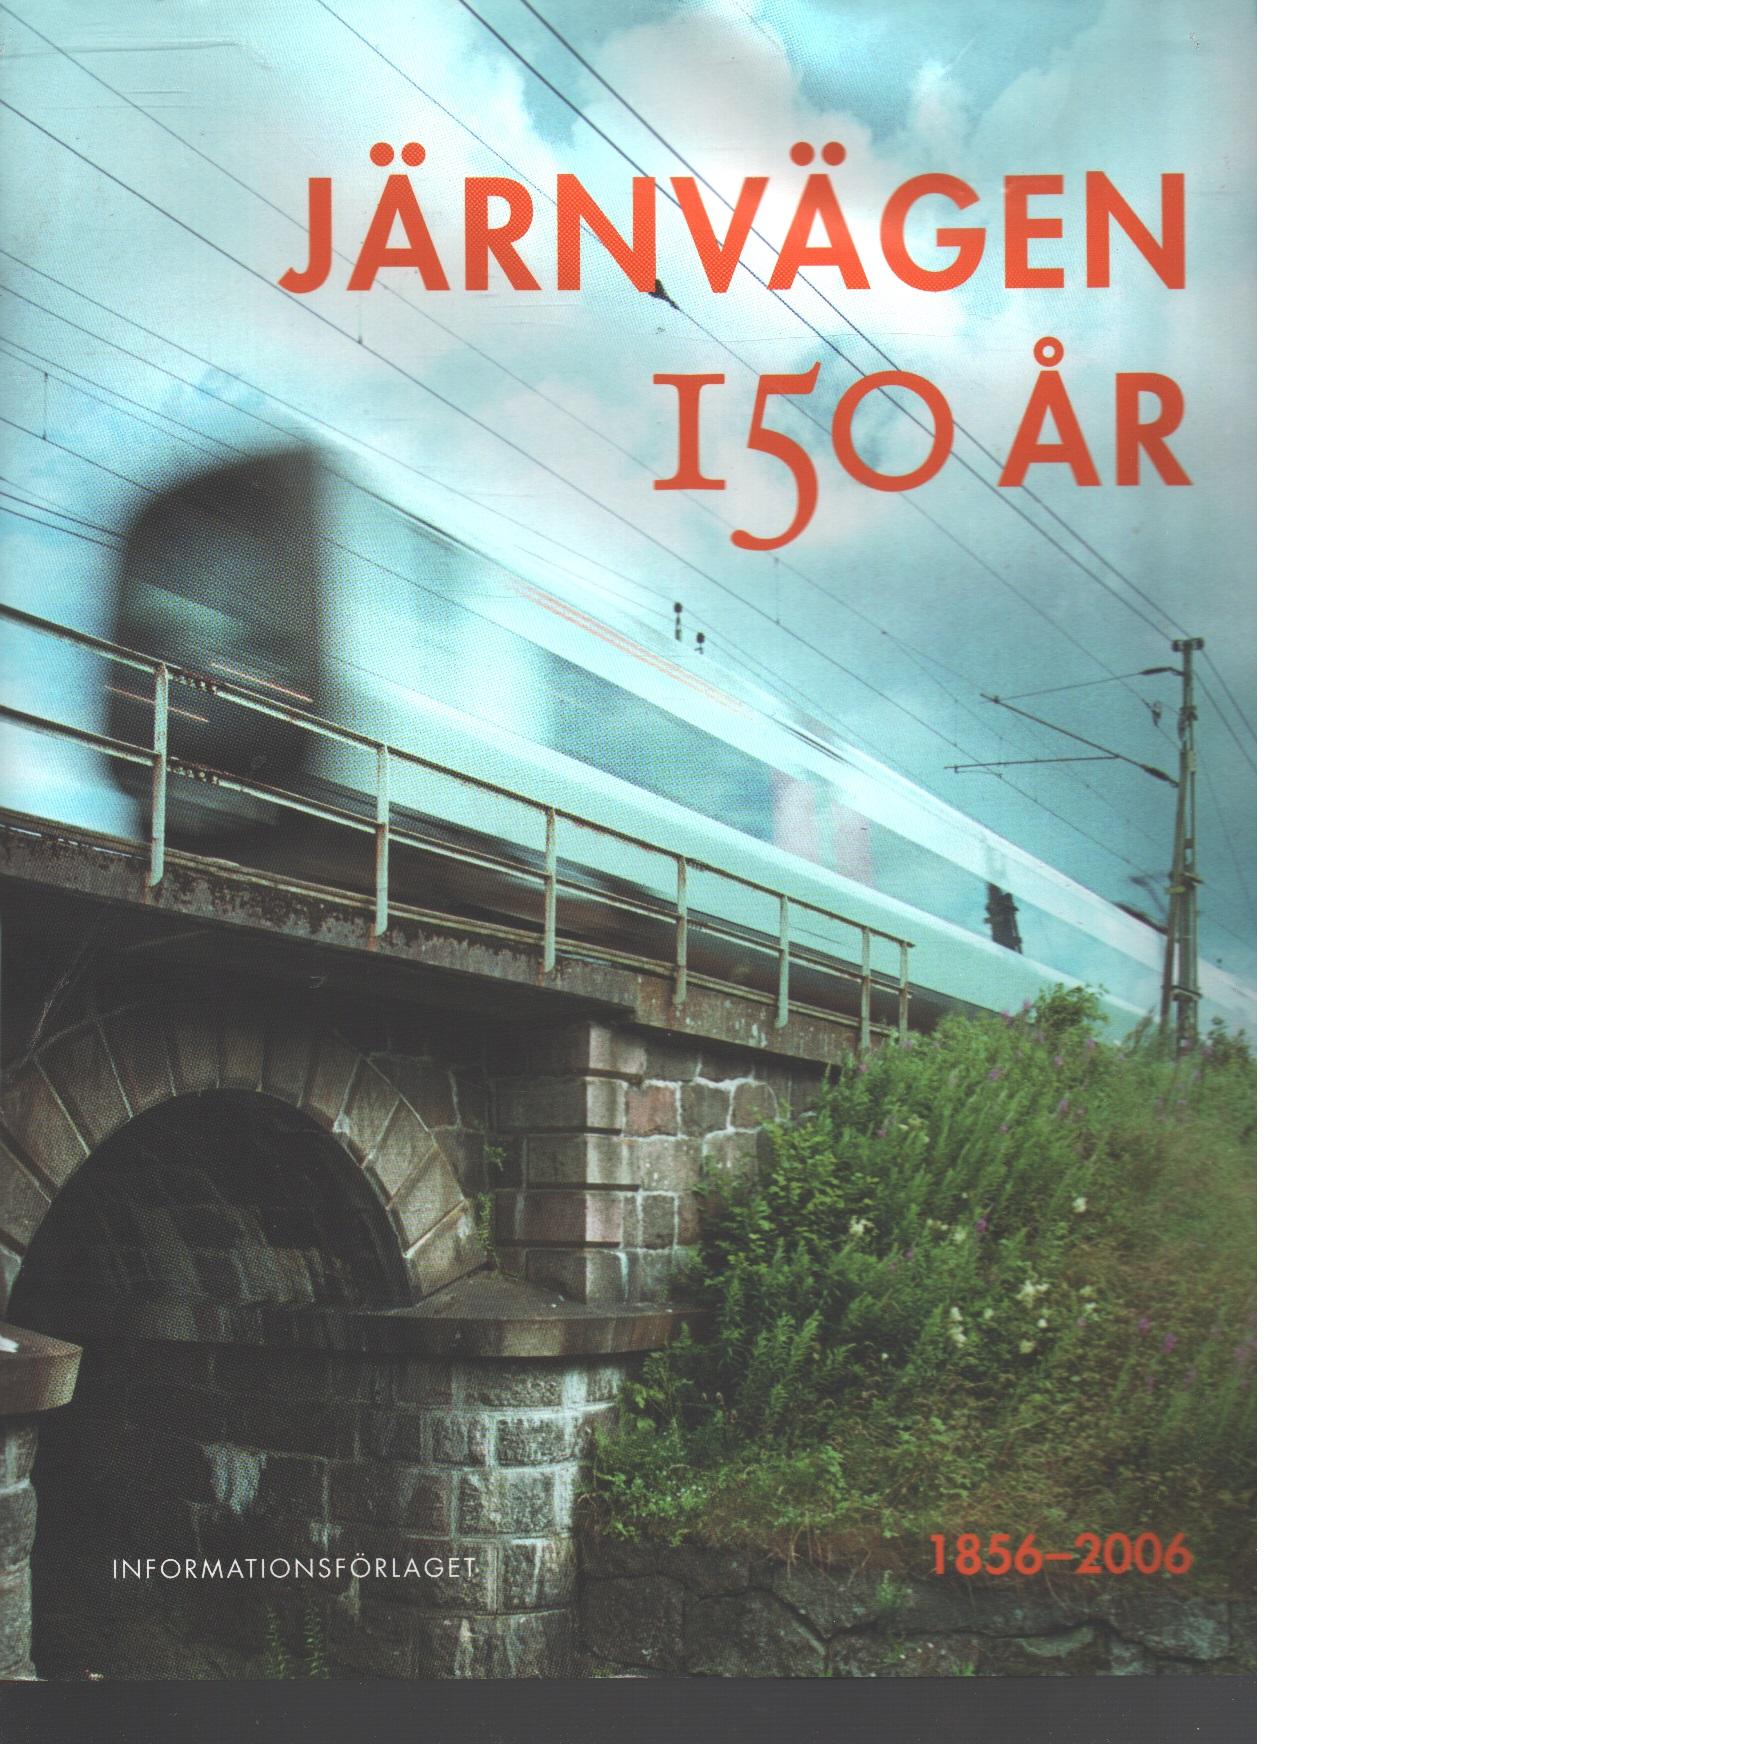 Järnvägen 150 år : 1856-2006 - Red.